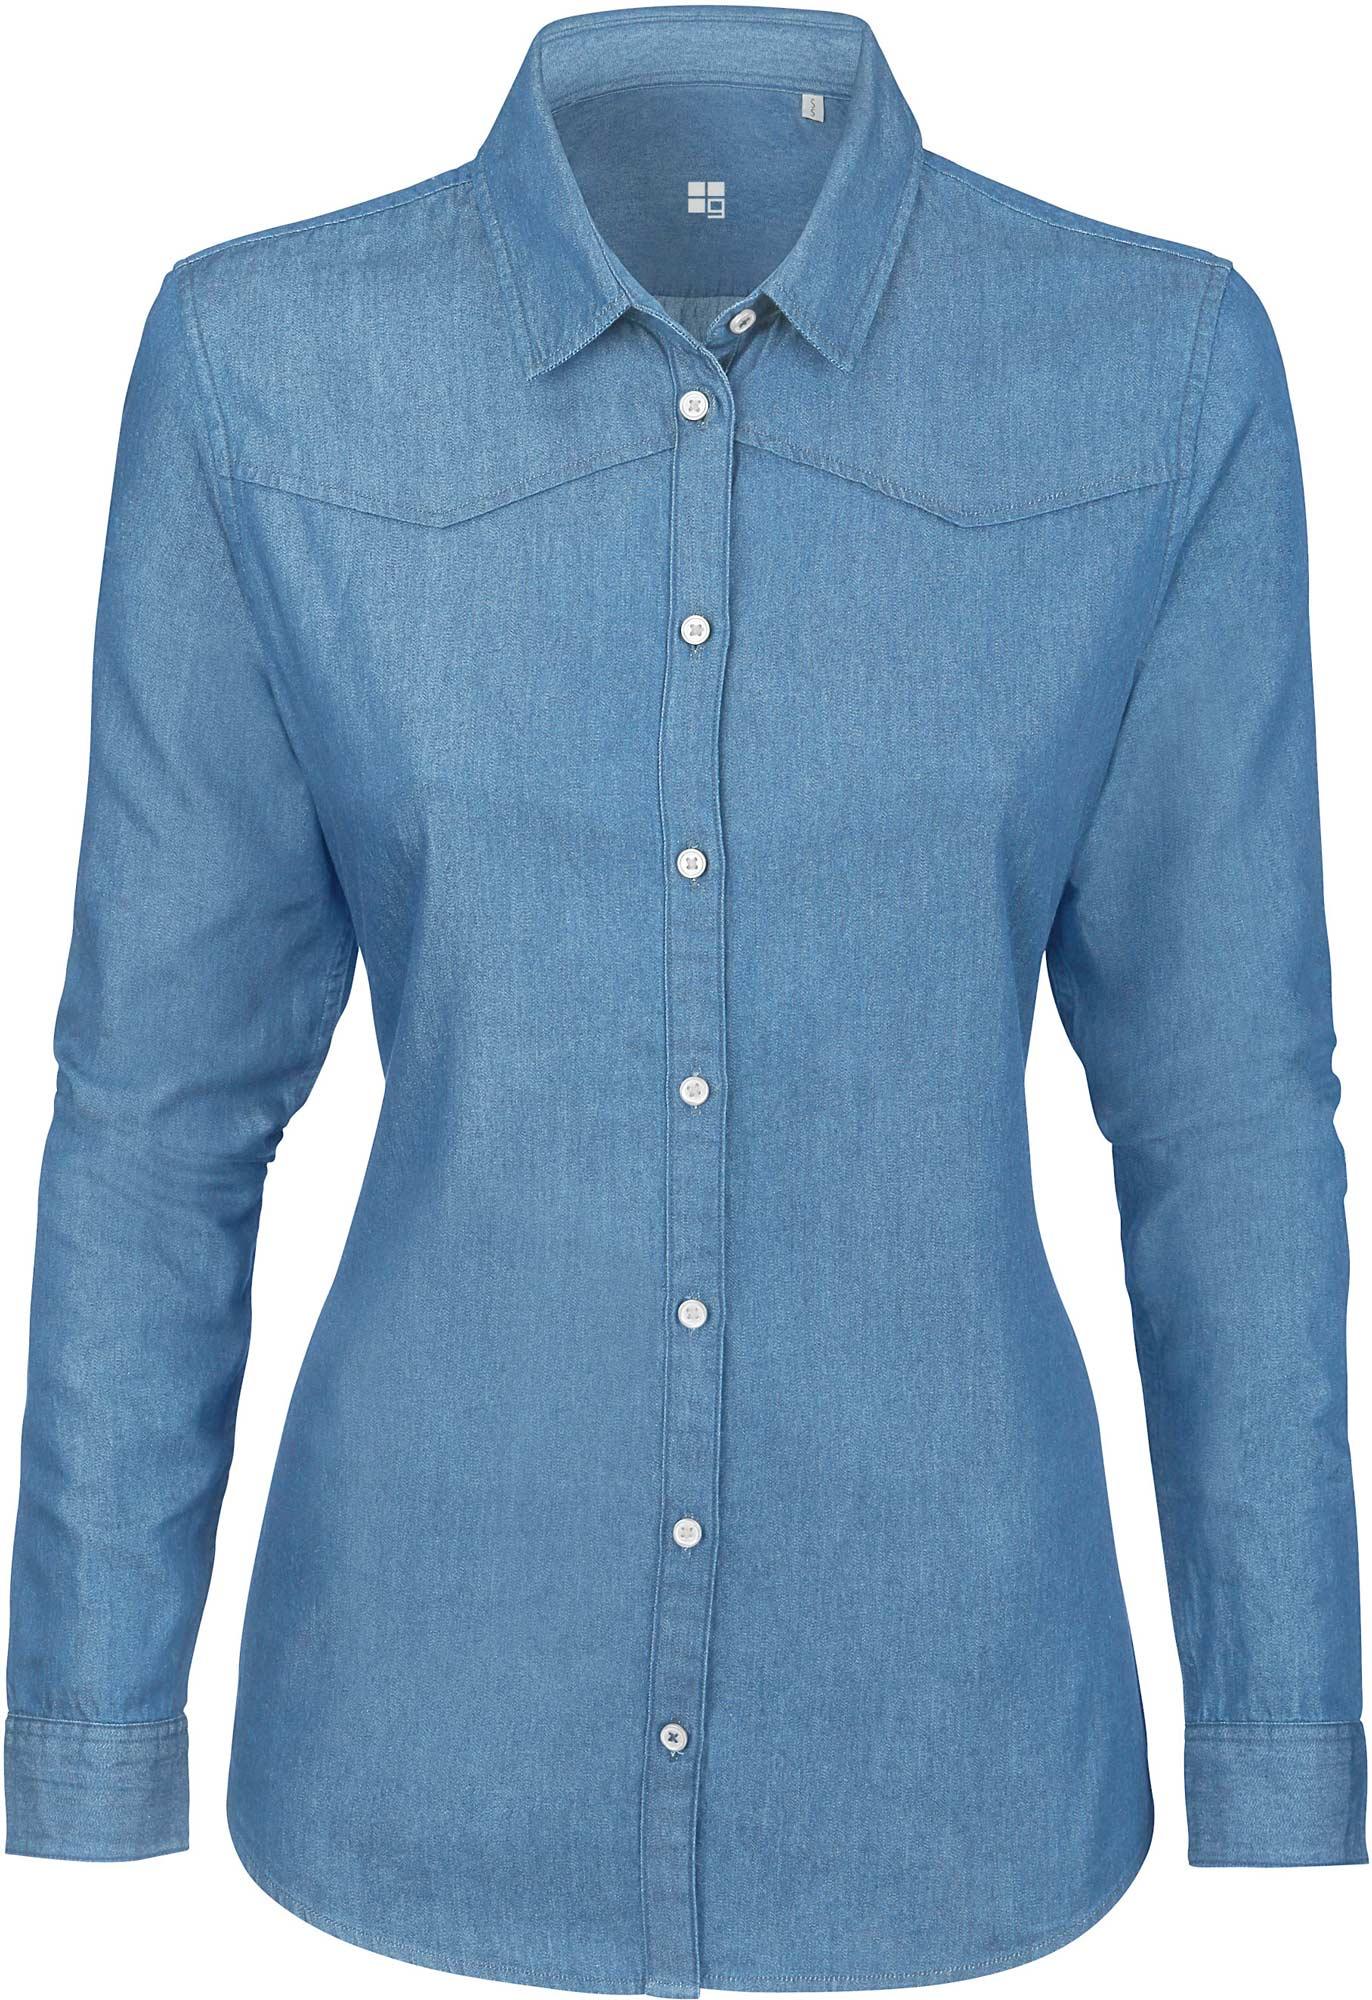 Damen jeanshemd aus 100 biobaumwolle for Jeanshemd damen lang